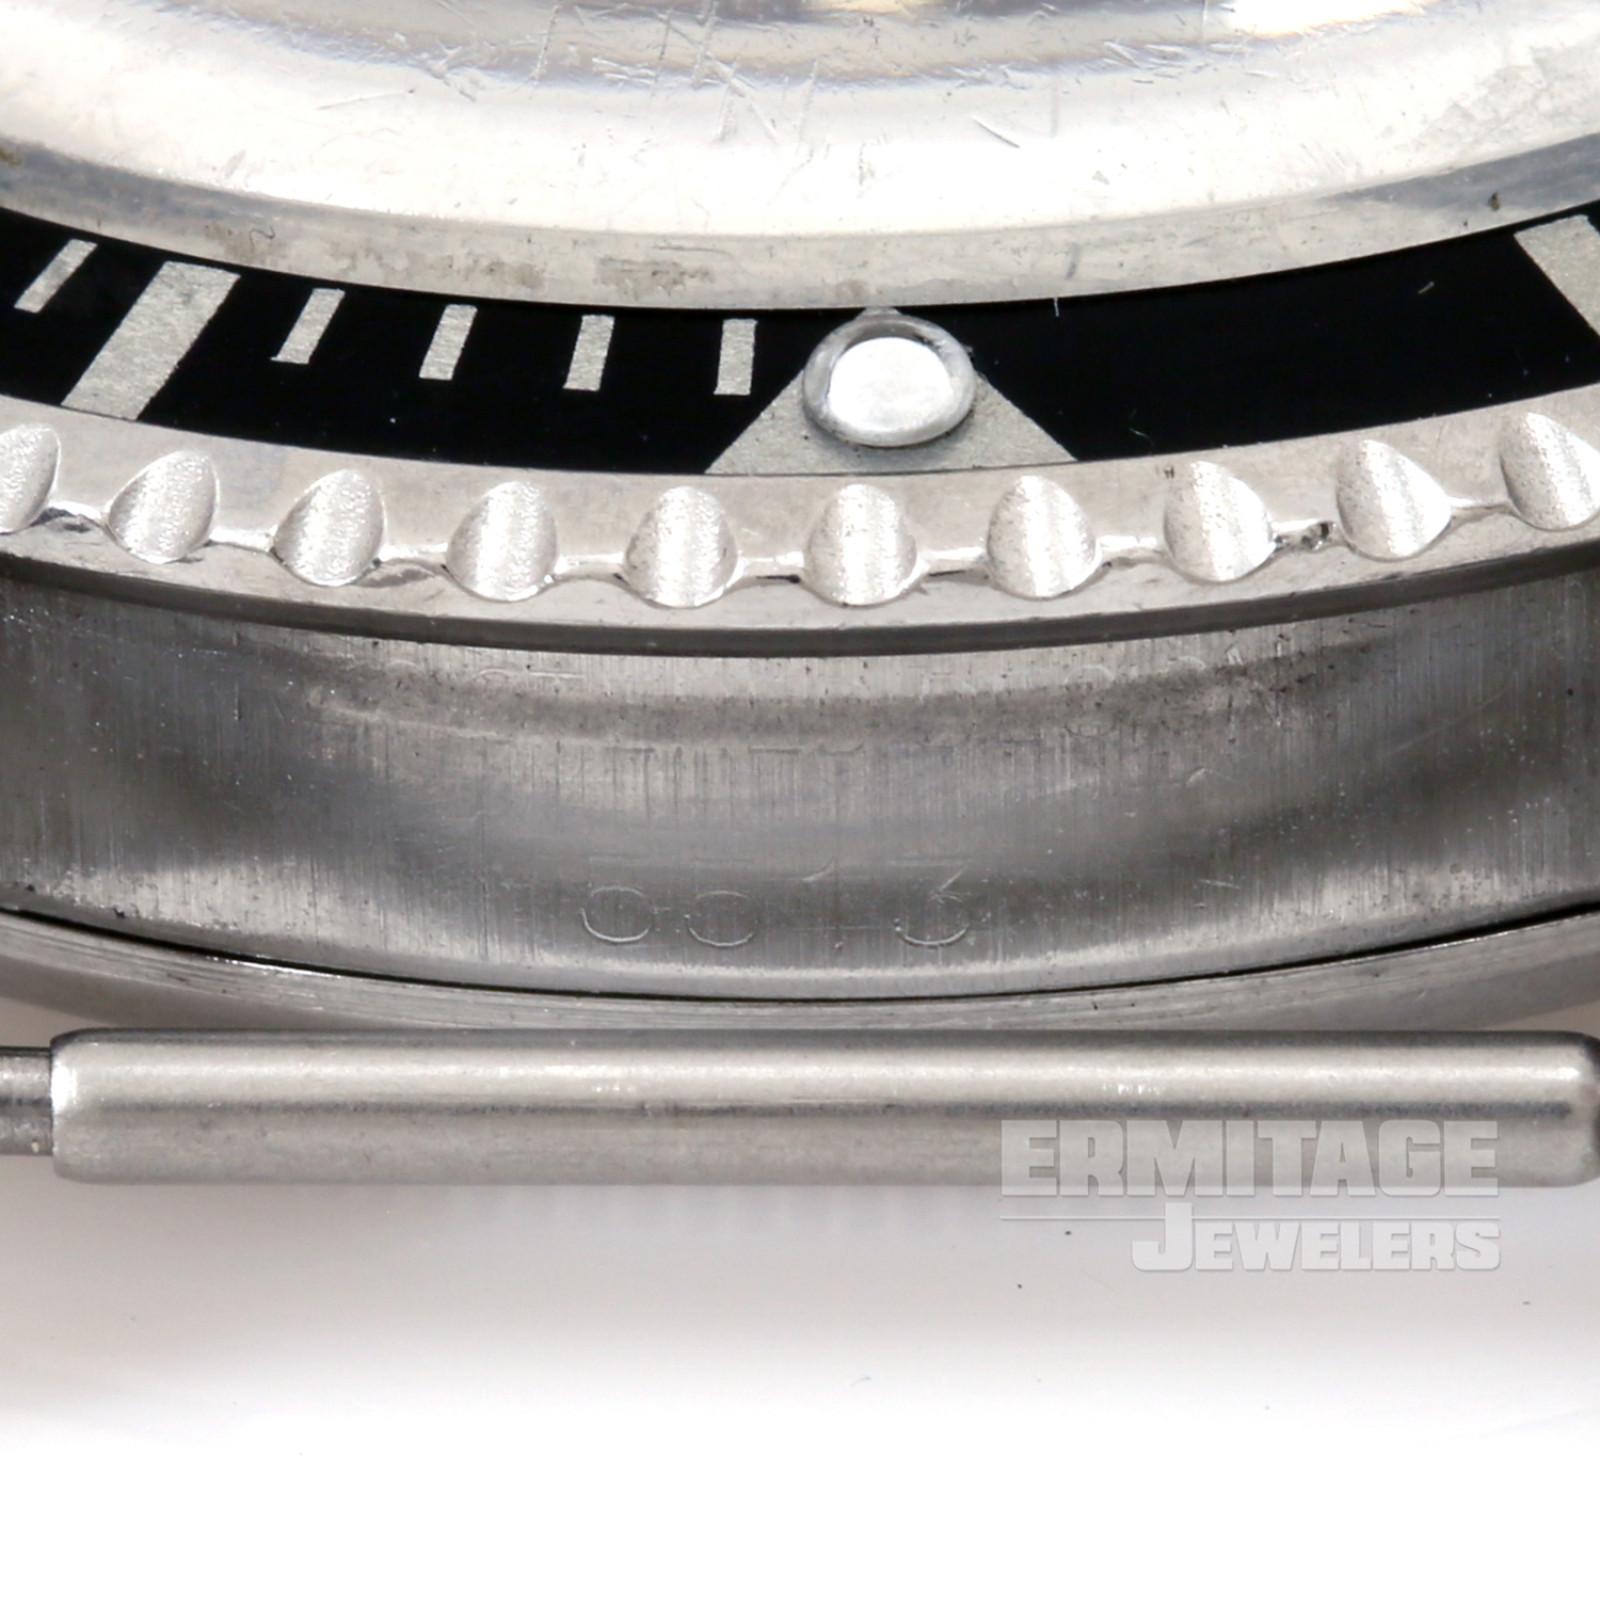 Steel on Strap Rolex Submariner 5513 40 mm